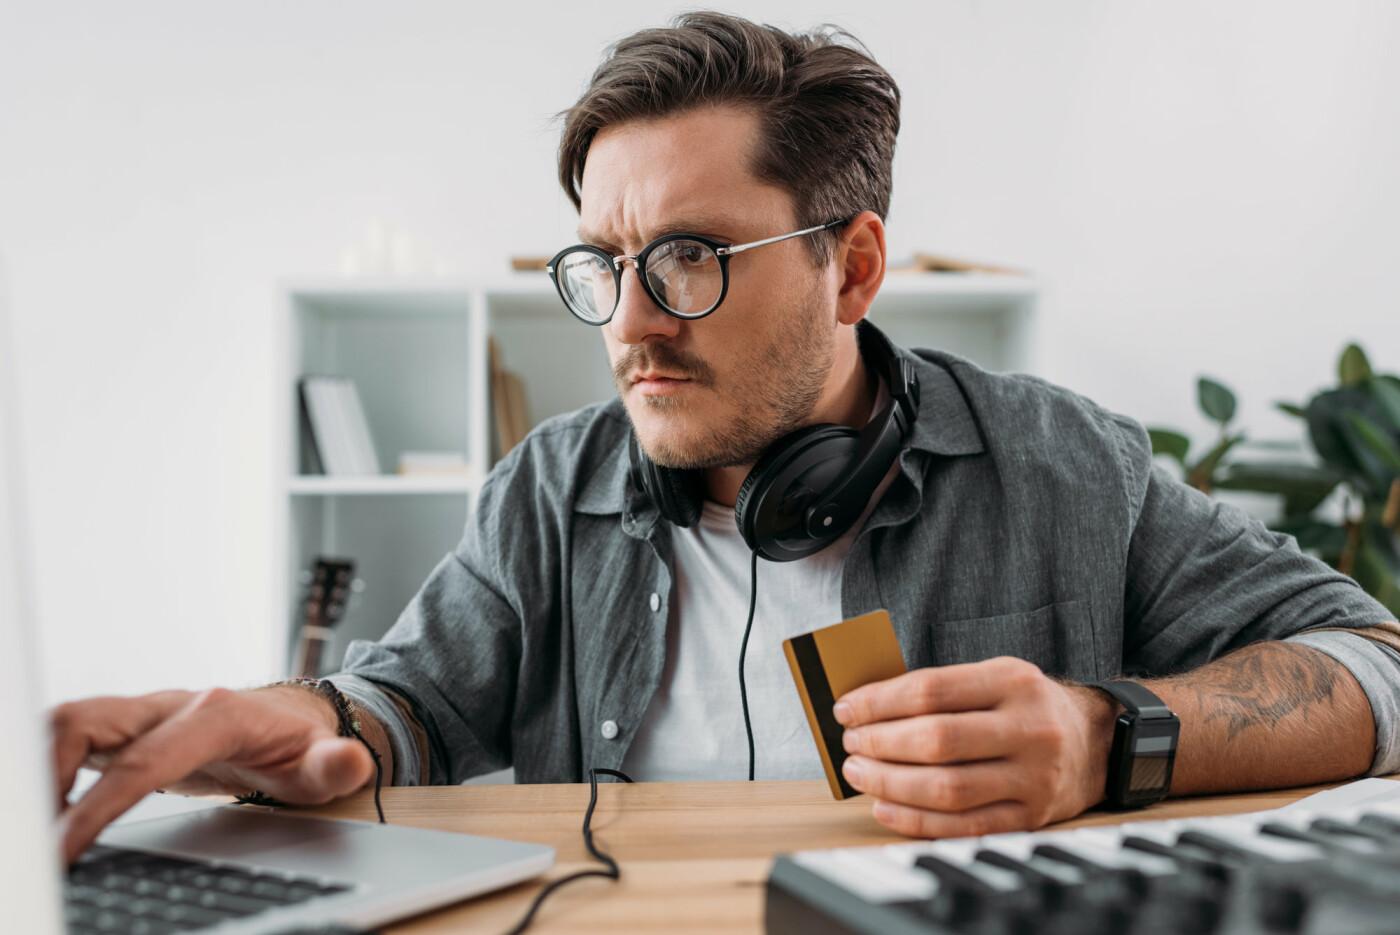 Кредиты для людей с плохой кредитной историей, фото-1